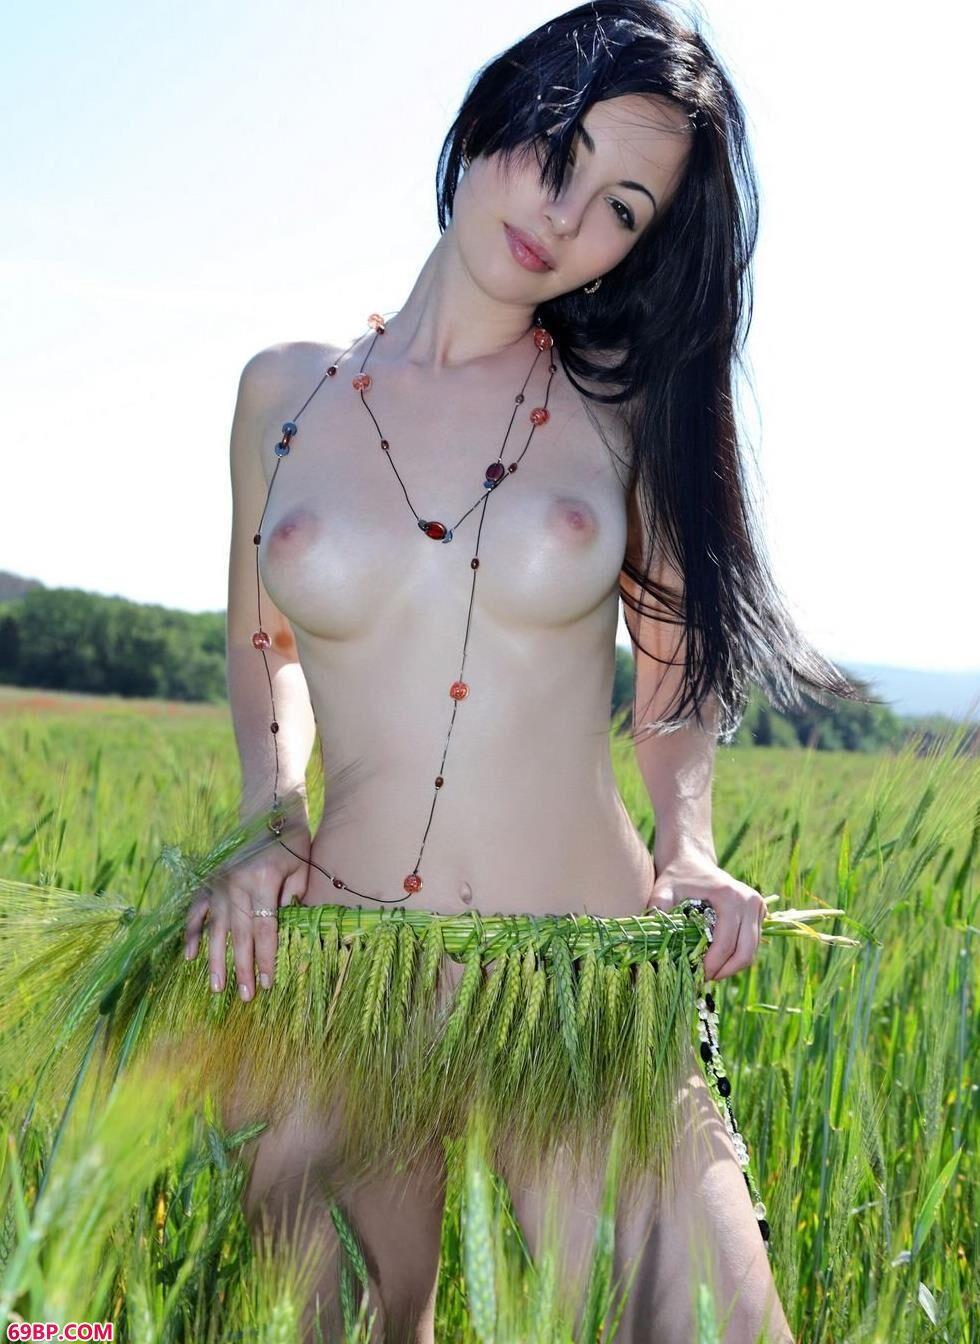 嫩模Melani稻田里的清纯人体_西西人体艺木&